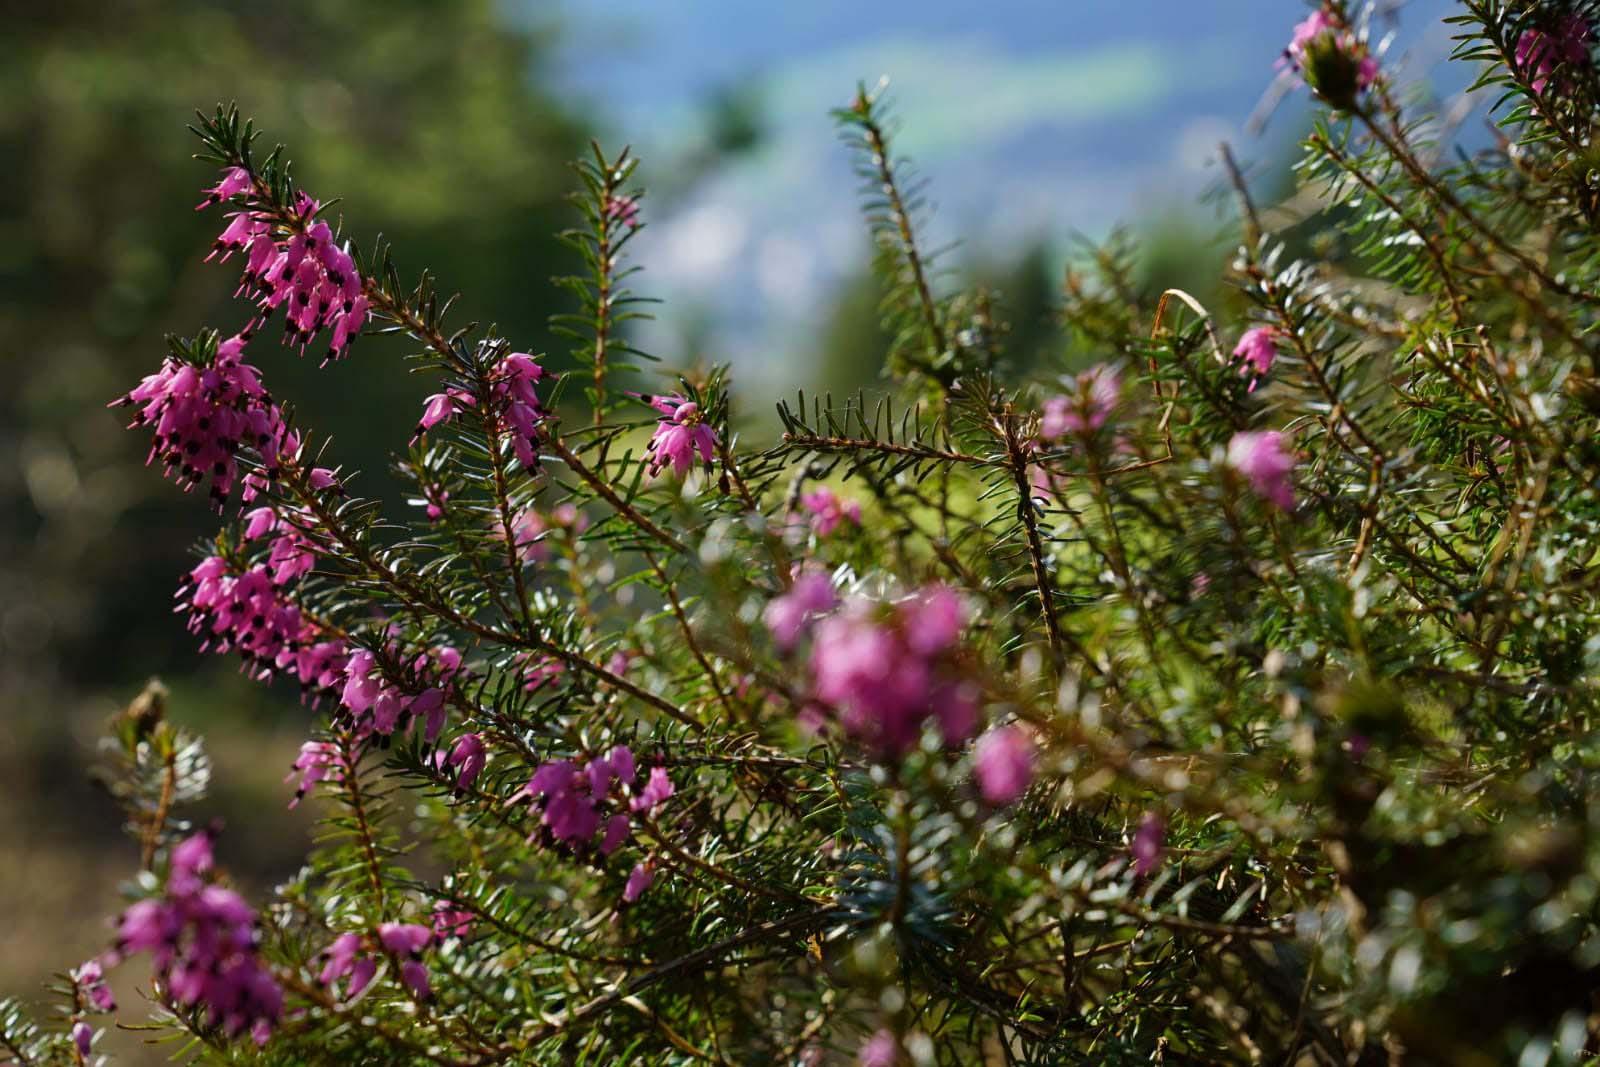 frische Blumen, neue Farben, der Frühling glänz in voller Prach